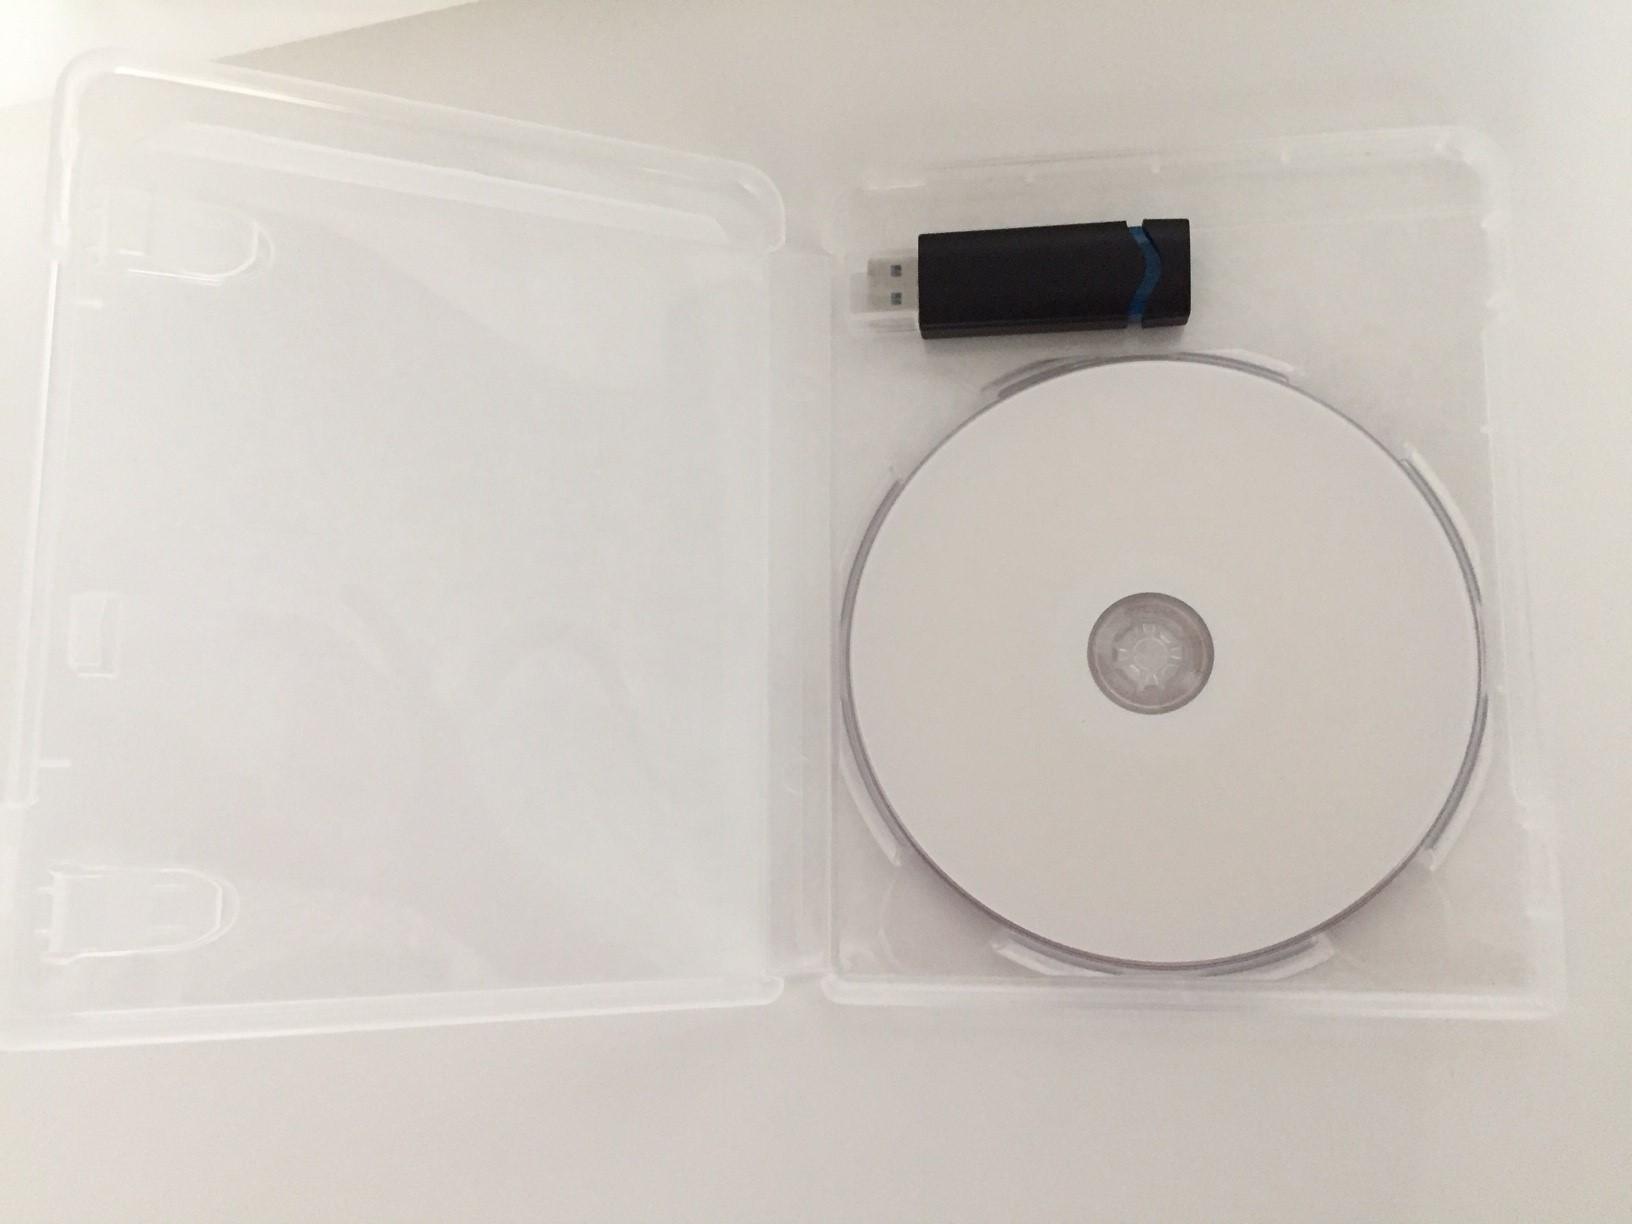 Dvd Und Usb Hülle Transparent Für 1 Cddvd Und 1 Usb Stick